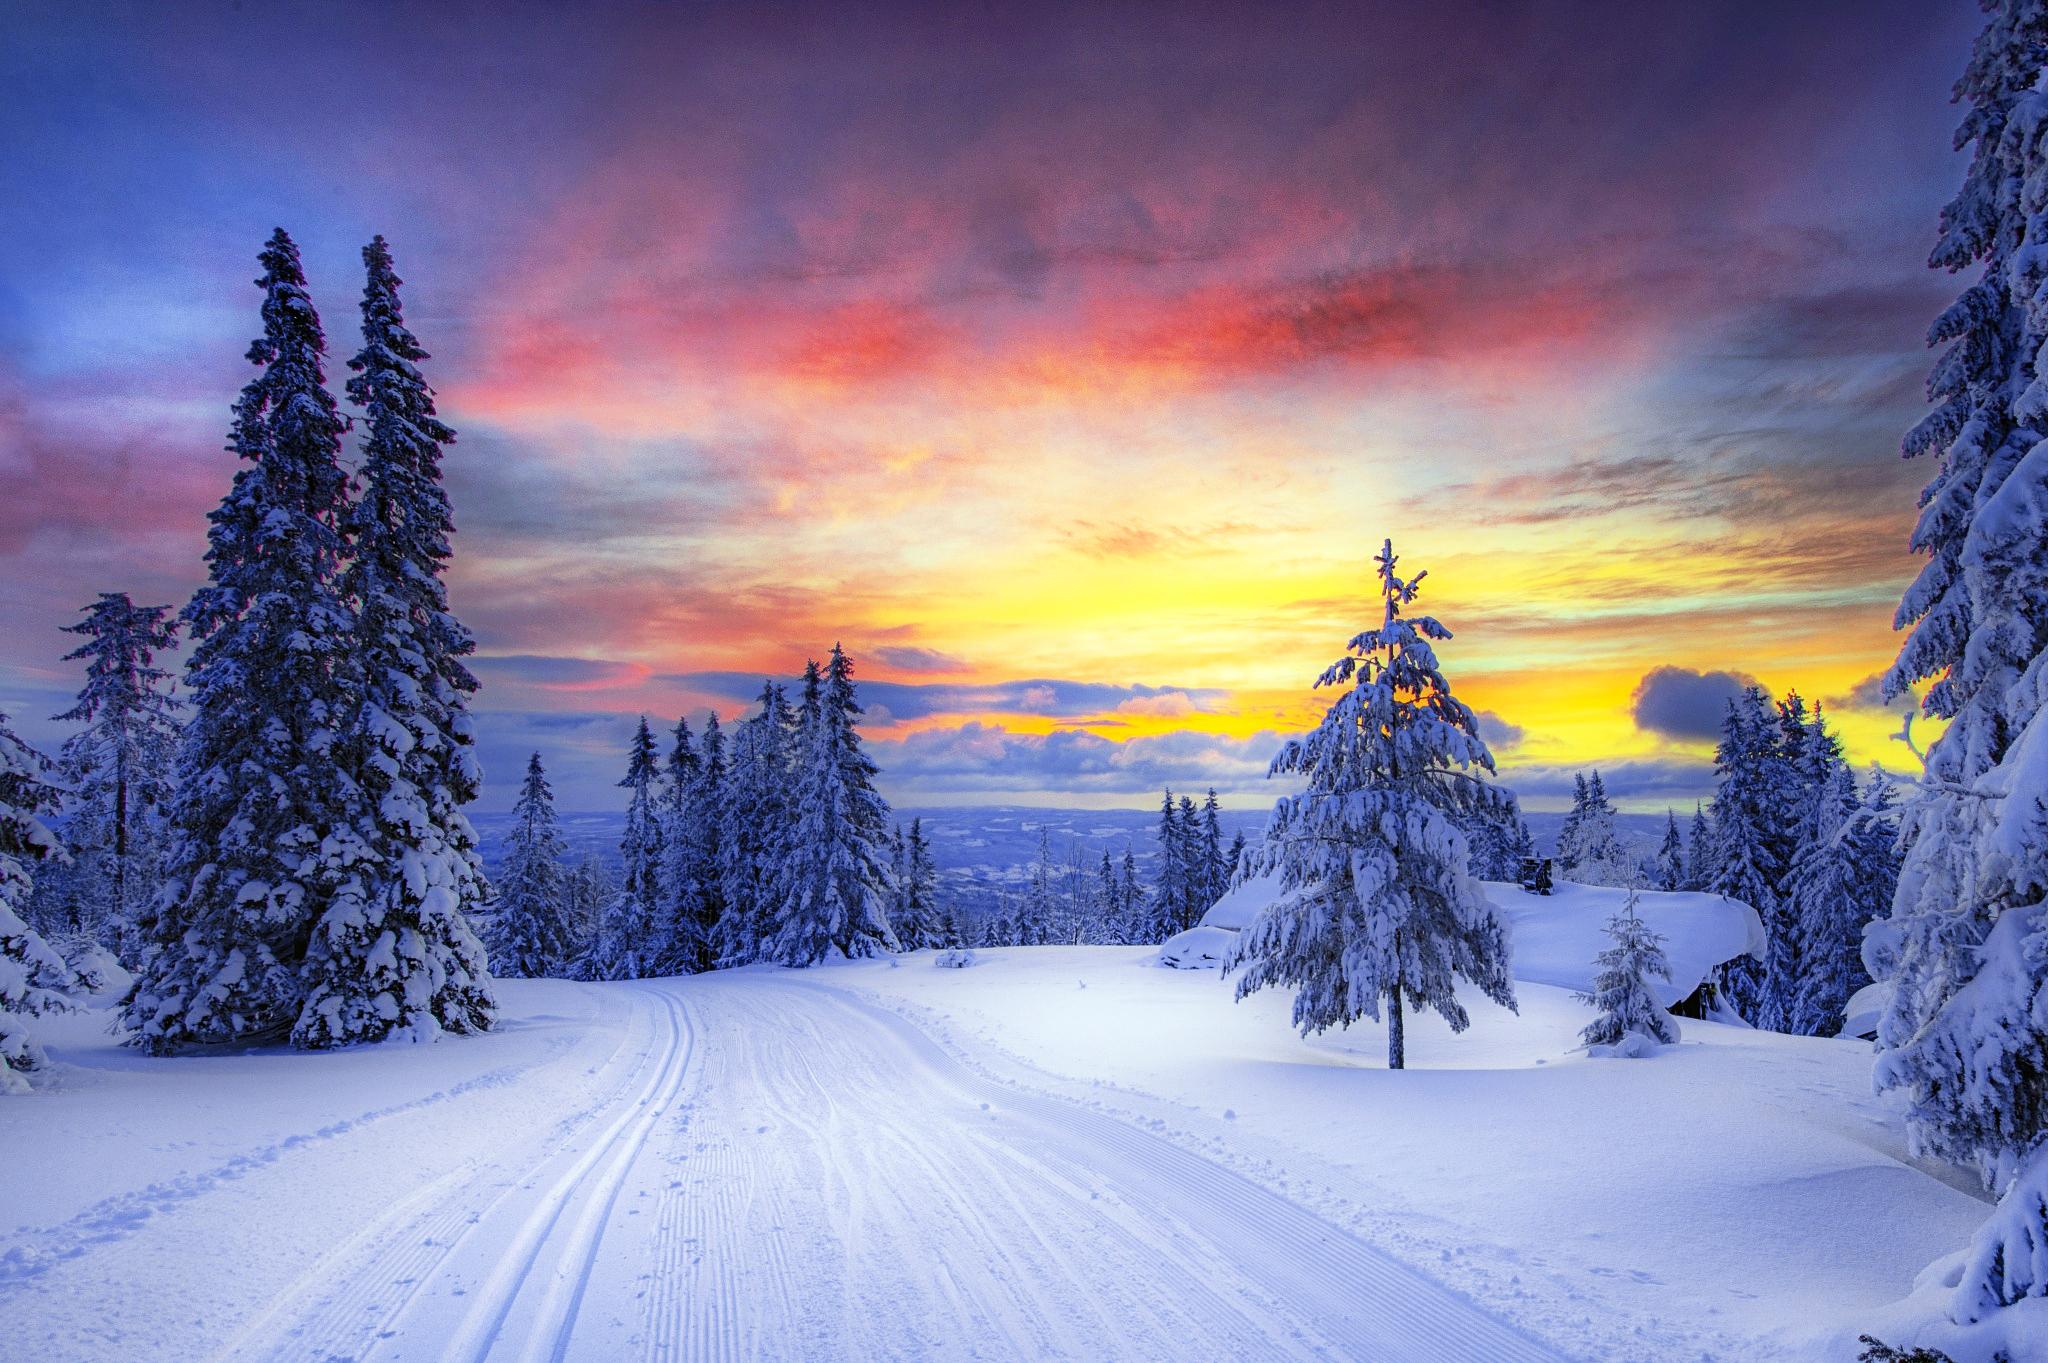 133913 скачать обои Снег, Зима, Норвегия, Лес, Природа, Деревья - заставки и картинки бесплатно